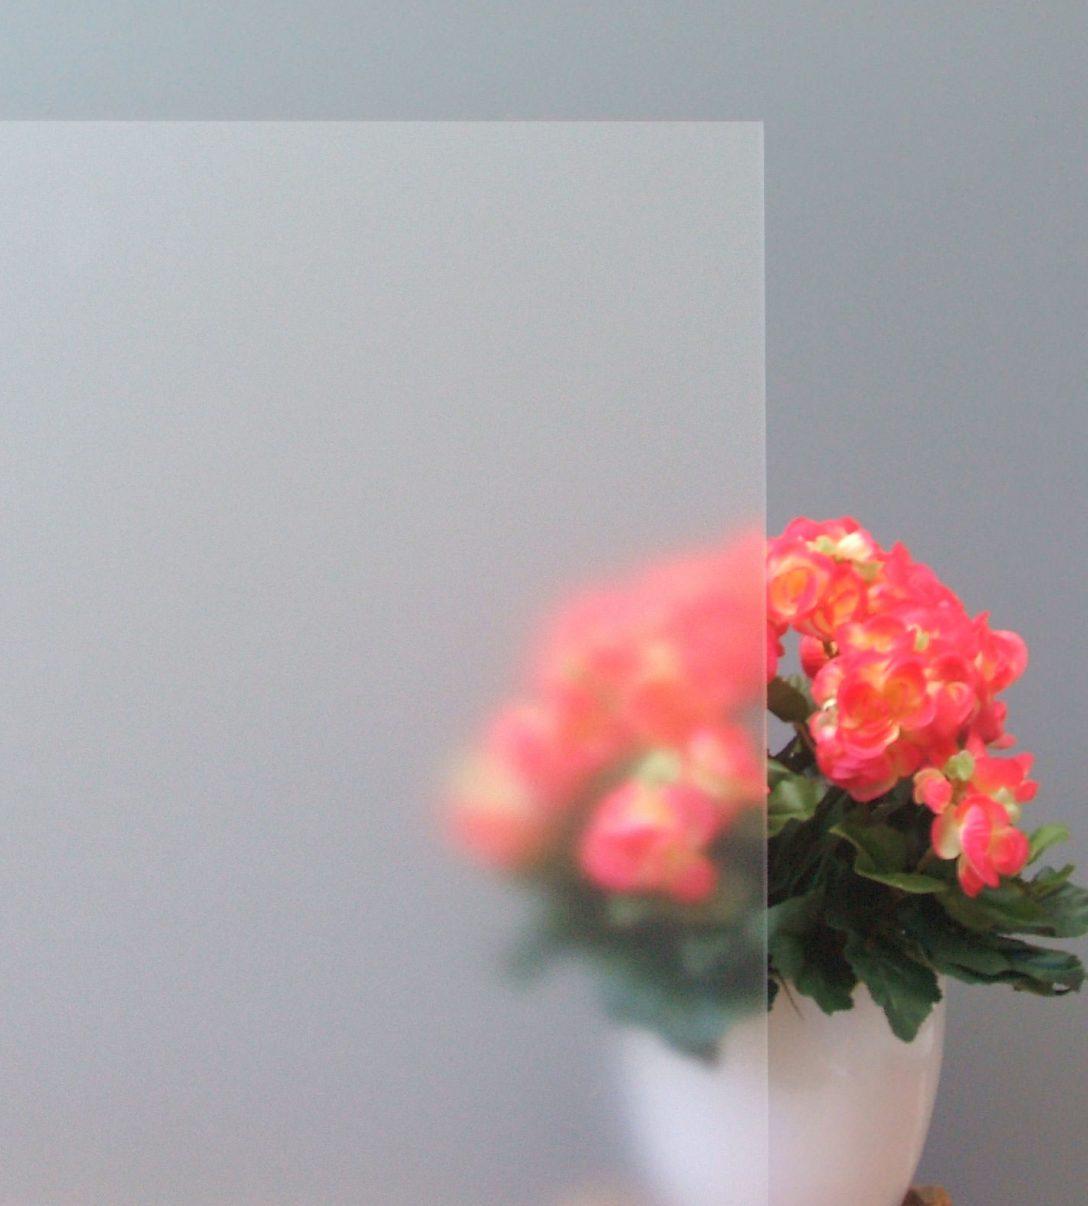 Large Size of Sicherheitsfolie Fenster Sichtschutzfolie Frostglas Design Passgenau Nach Ma Alte Kaufen Velux Ersatzteile Einbruchsicher Sichtschutz Rollo Standardmaße Fenster Sicherheitsfolie Fenster